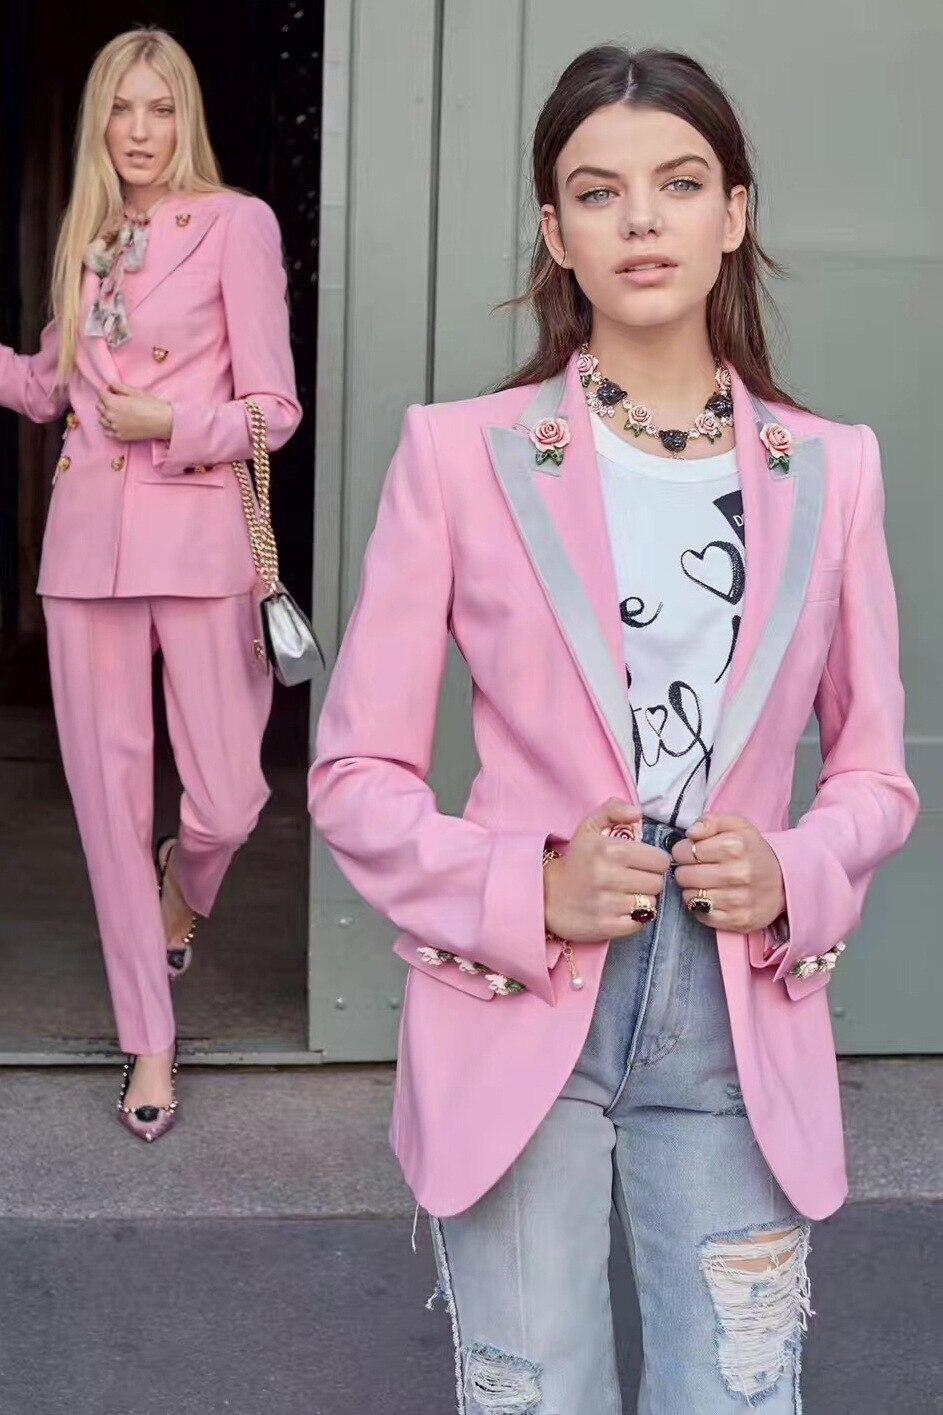 Veste Costume Étoile Boucle De Slim Rose Tridimensionnel Stéréo D'impression Européennes 2018 Doublé Dernière Et Américaines Femmes wFnC1xq7X